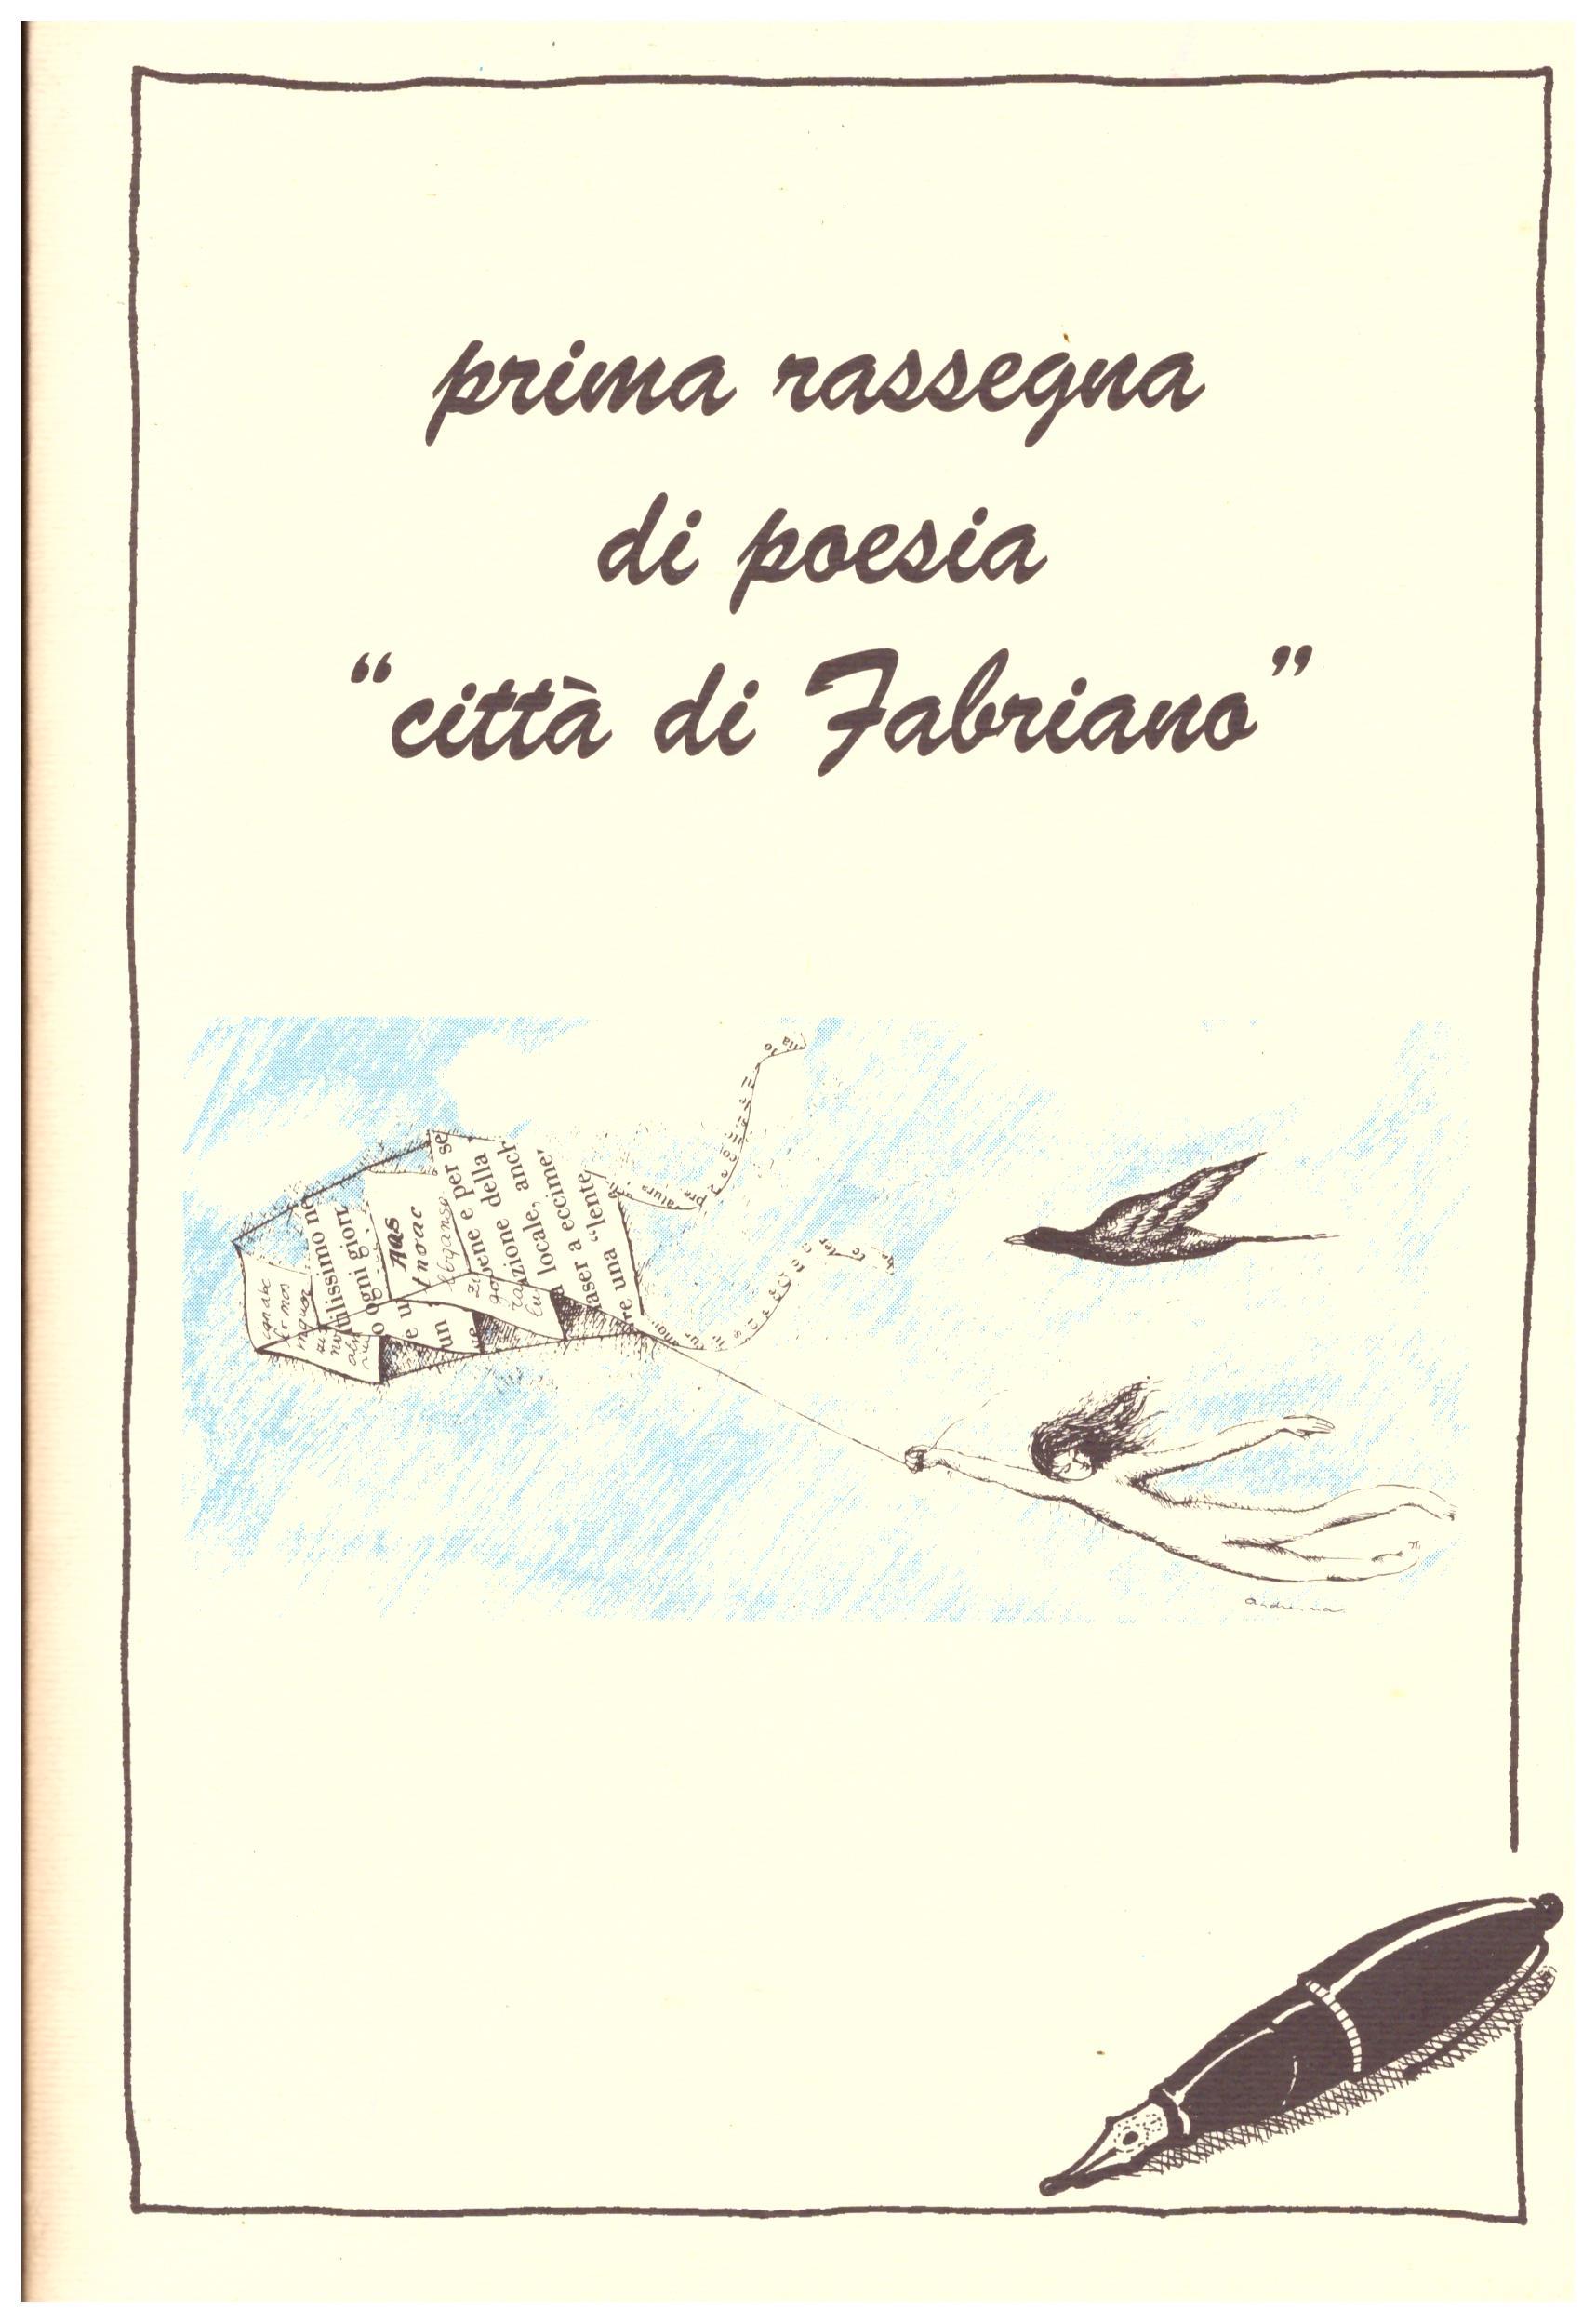 Titolo: Prima rassegna di poesia città di Fabriano   Autore : AA.VV.  Editore: Arti grafiche Gentile 1994